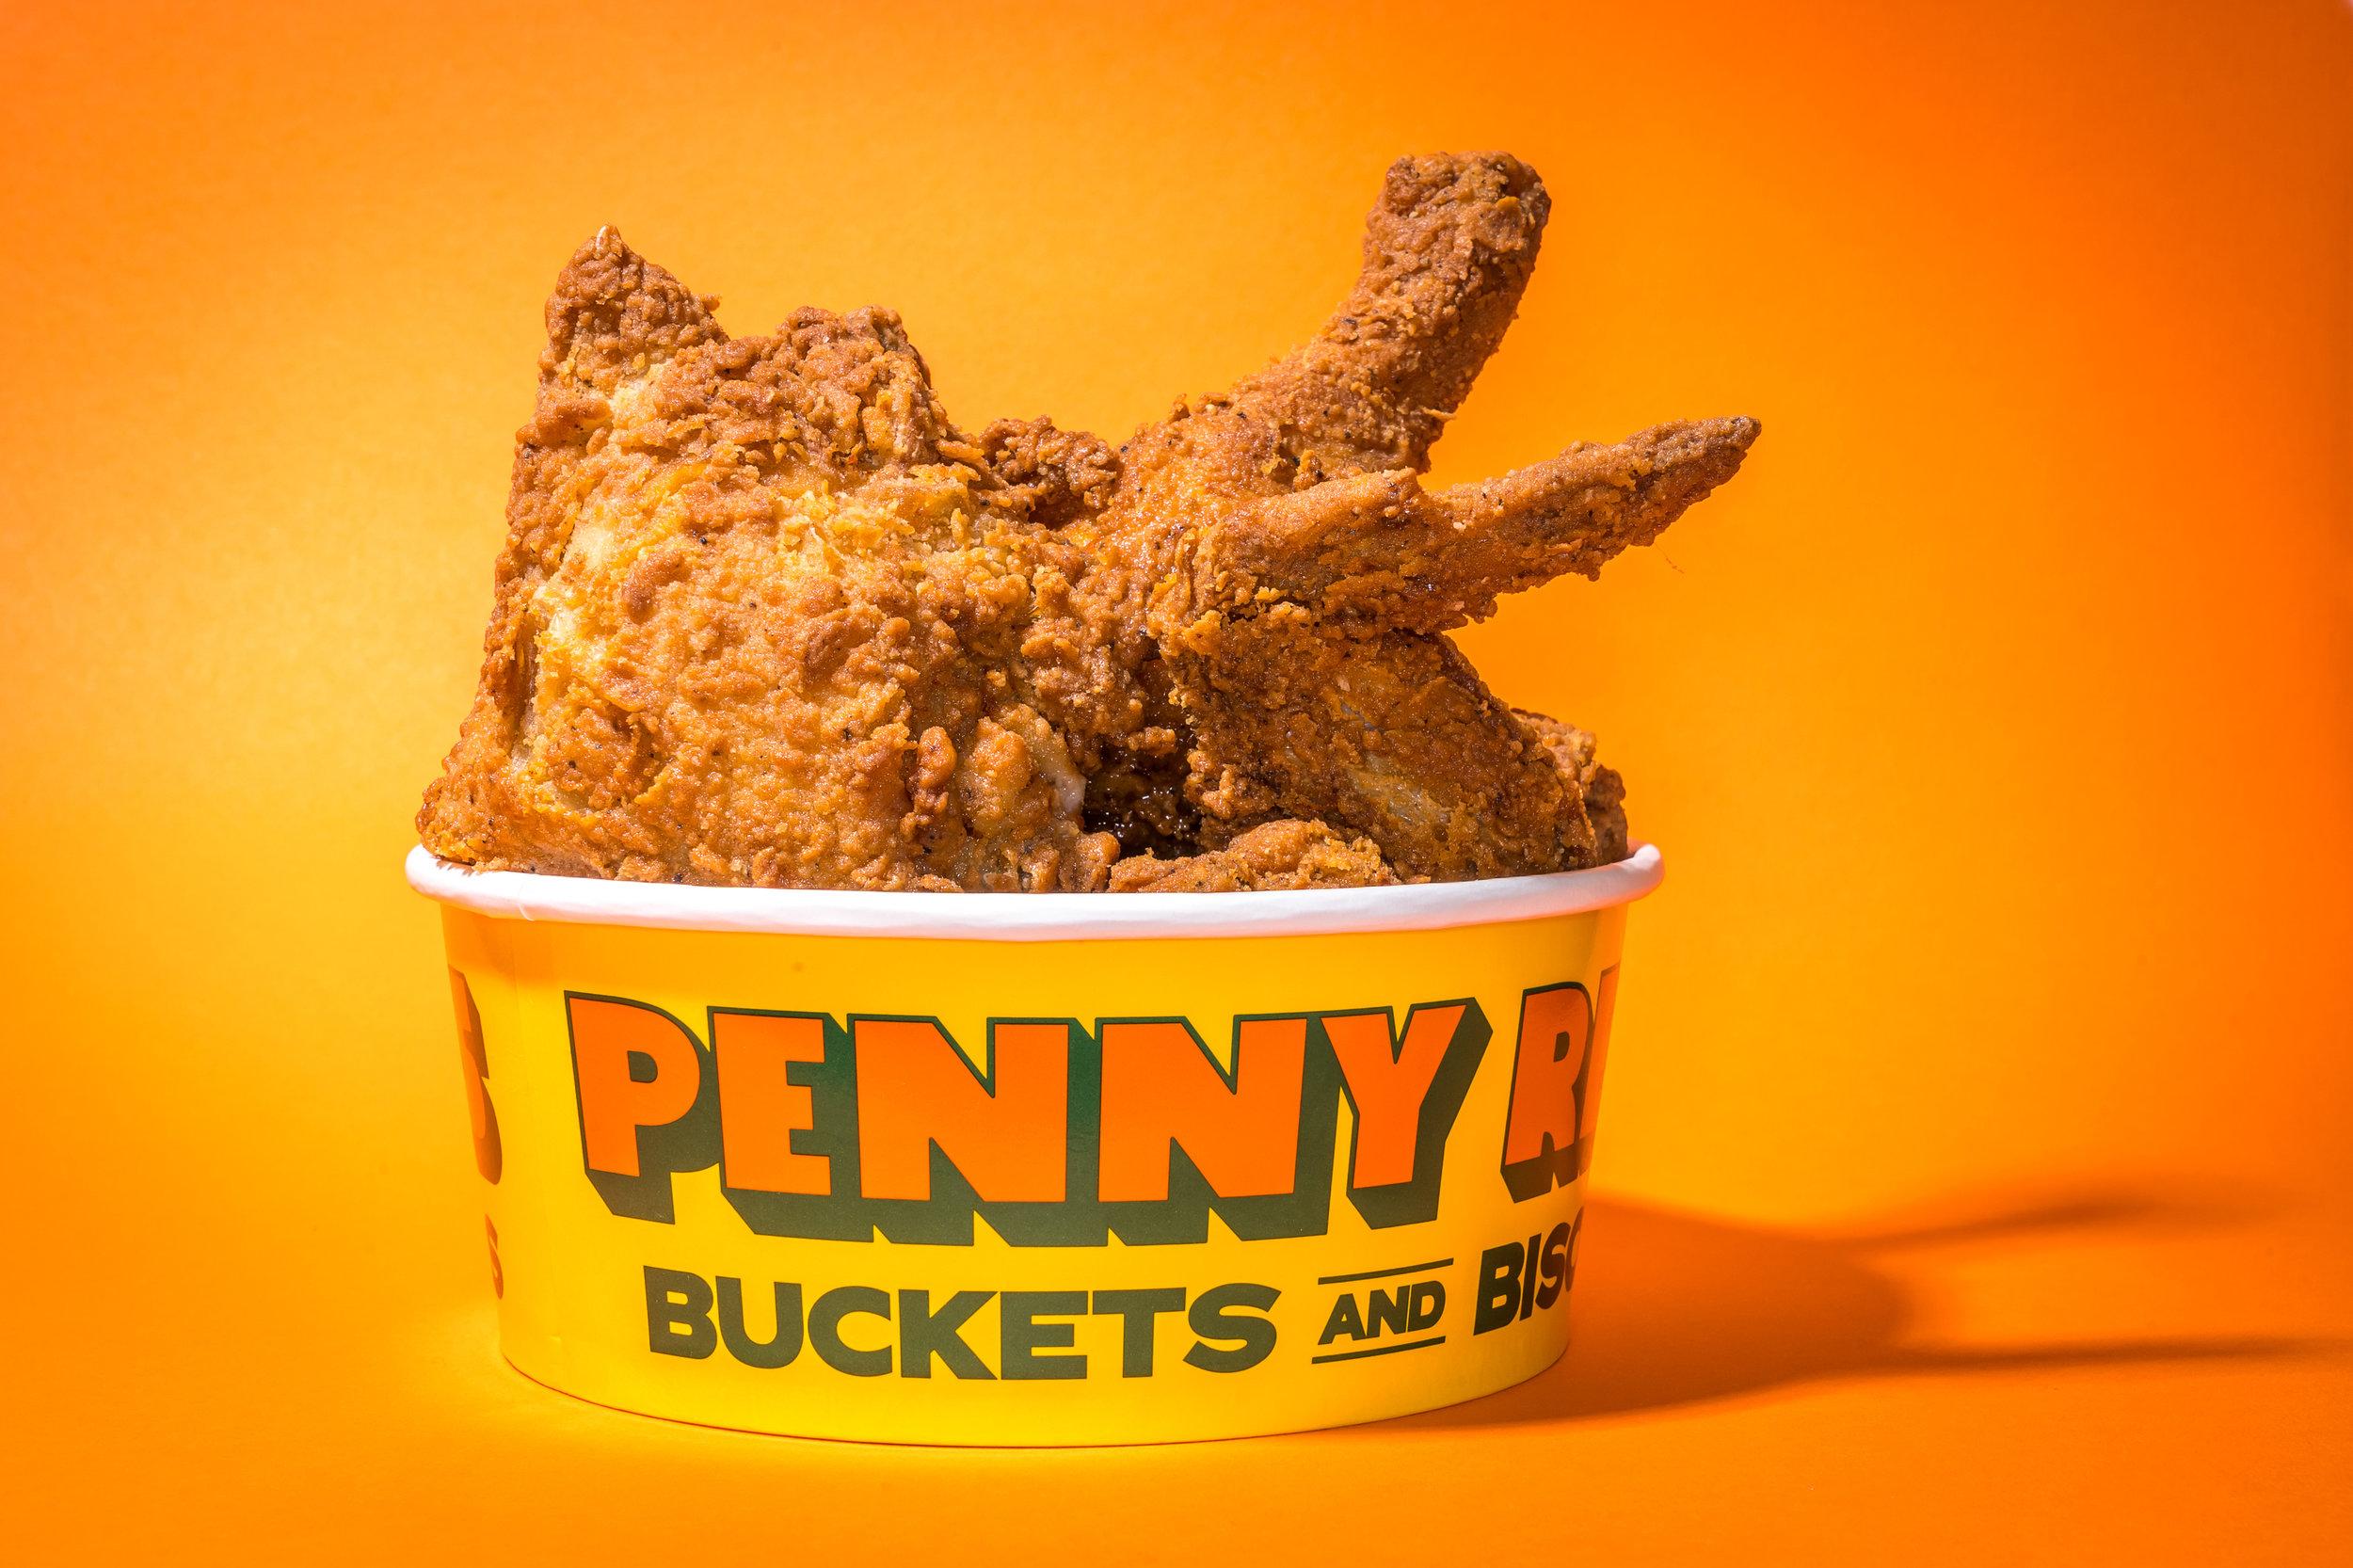 Bucket of Damn Fine Fried Chicken